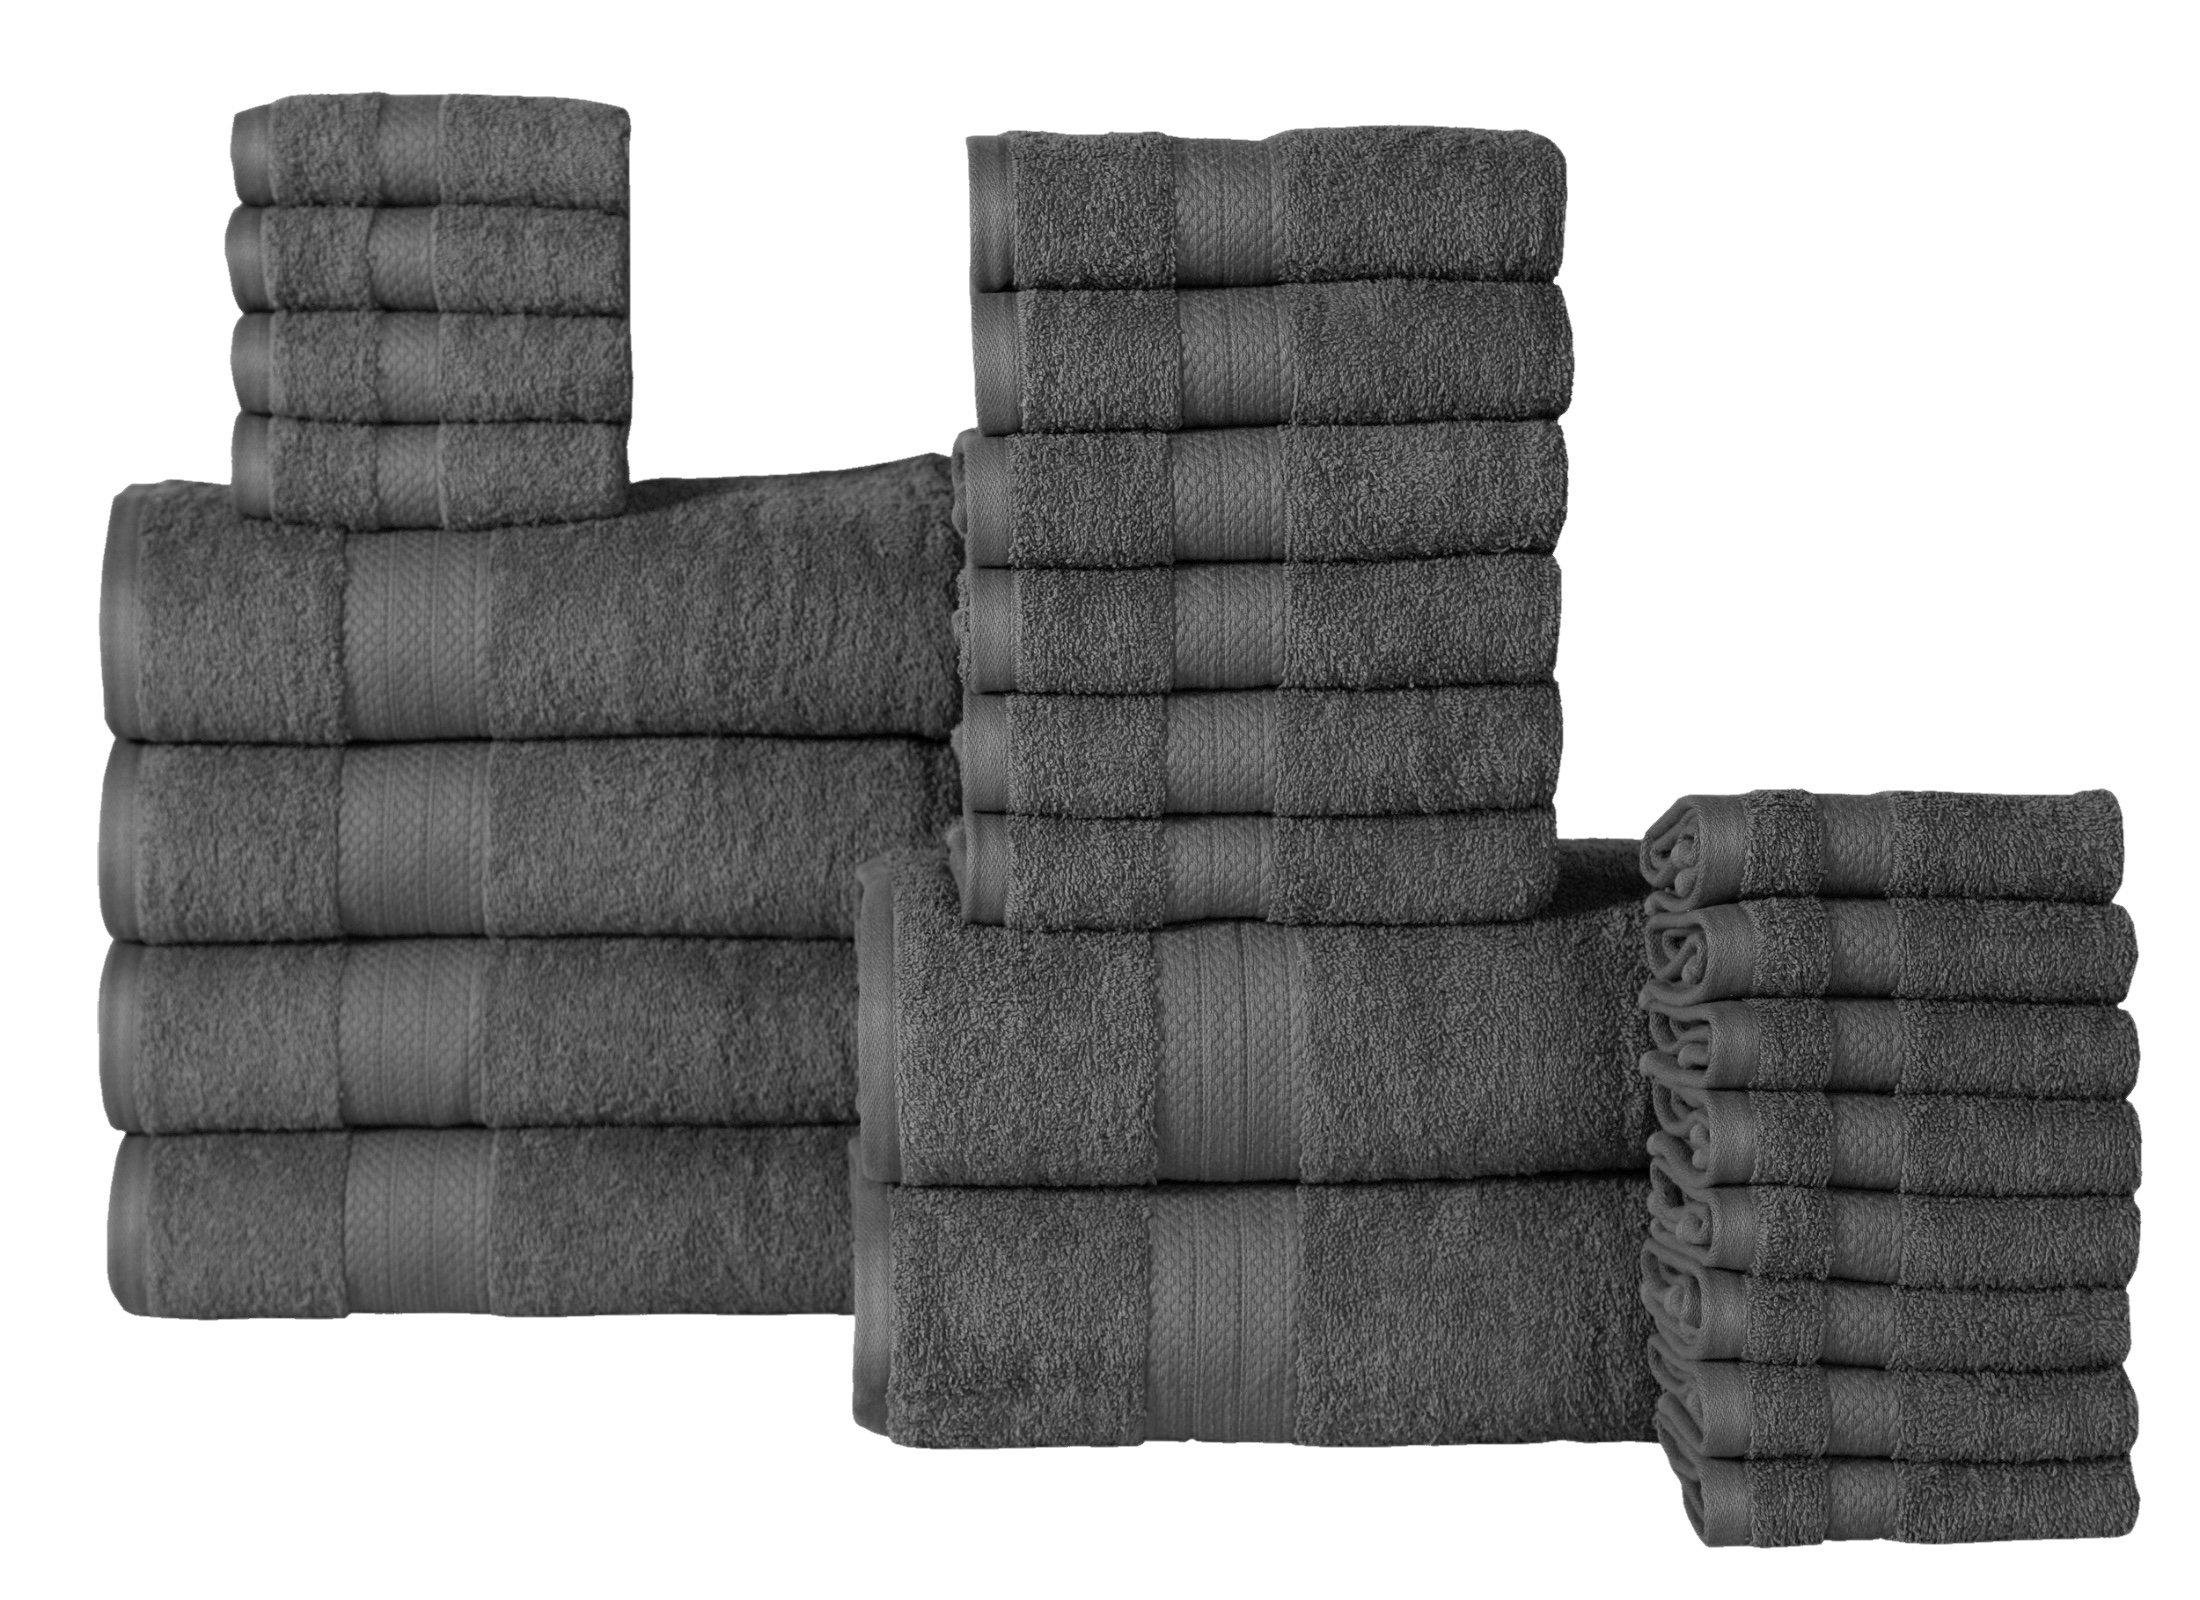 Affinity Home Collection ET24 Economic 24Piece 100% Cotton Bath Towel Set,Grey